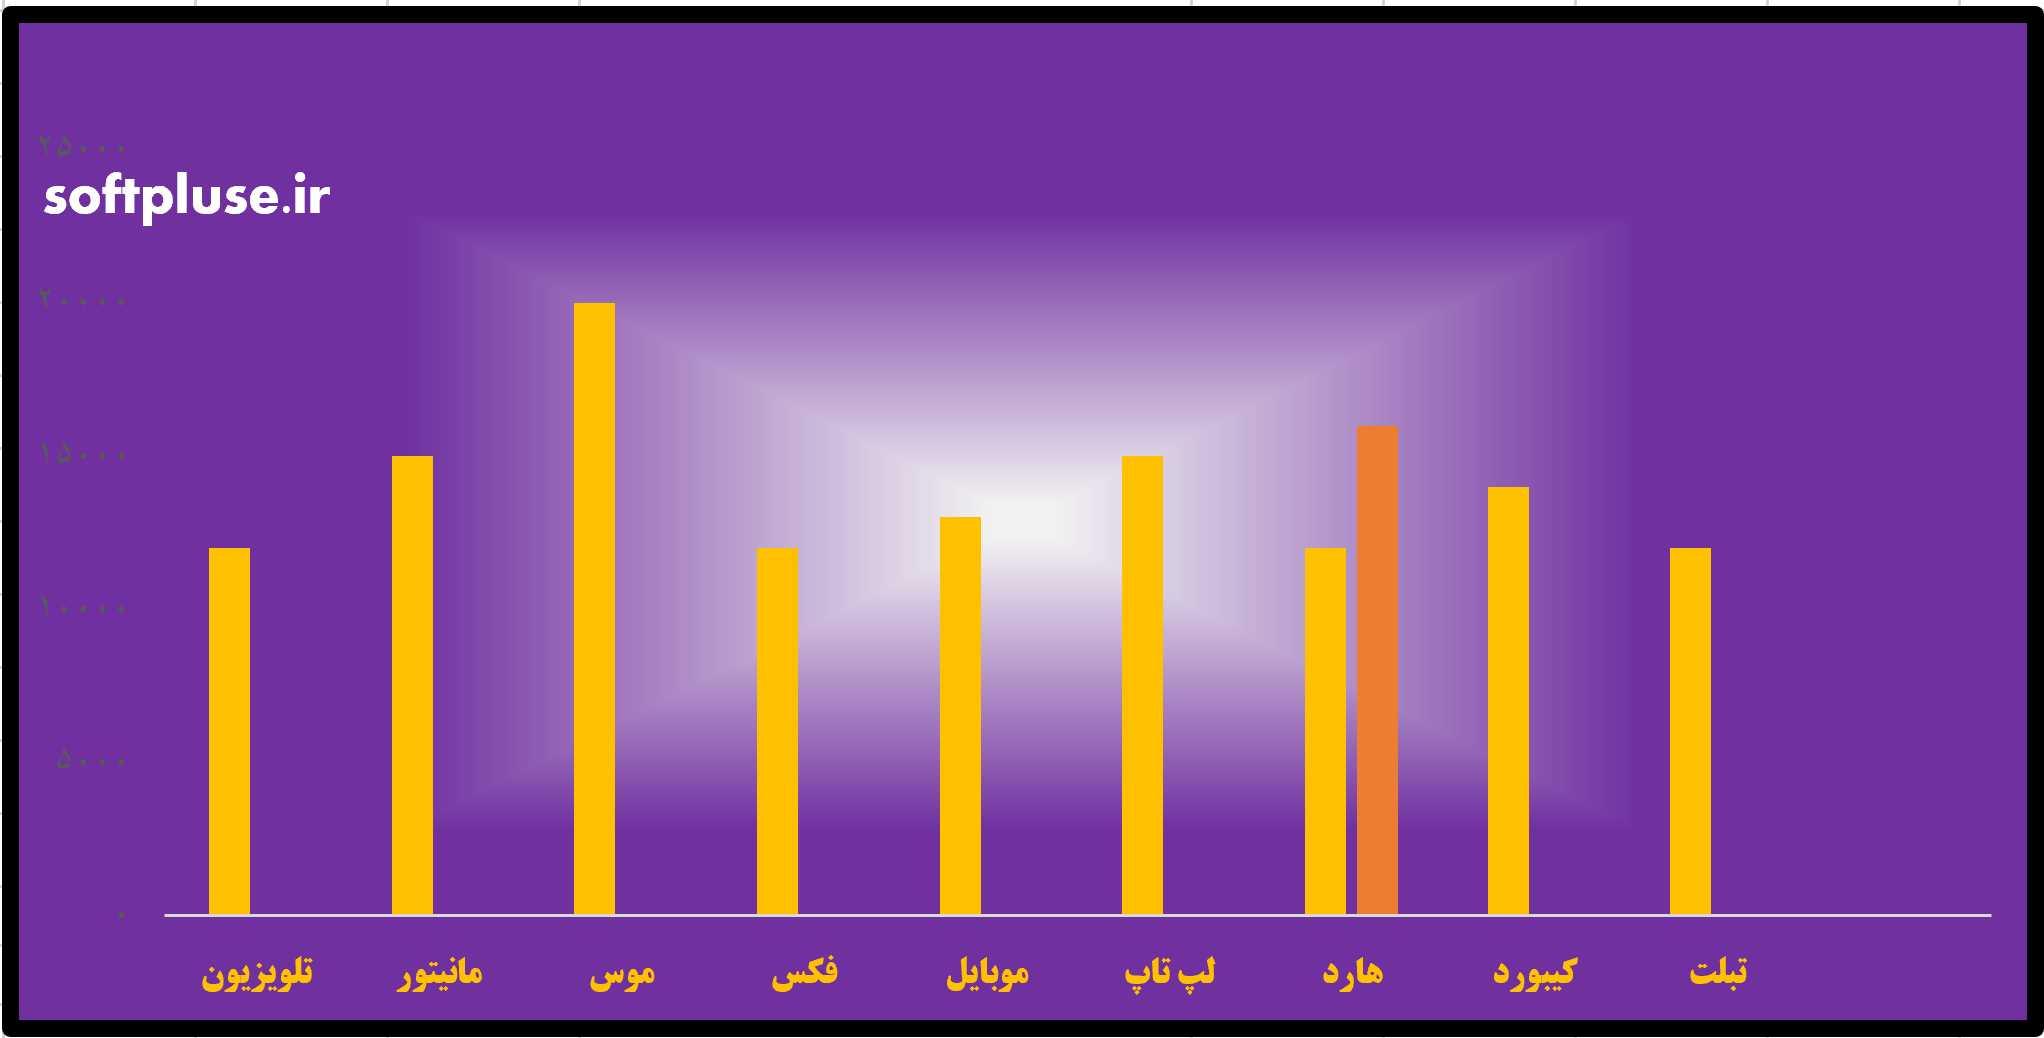 نمودار جذاب در اکسل